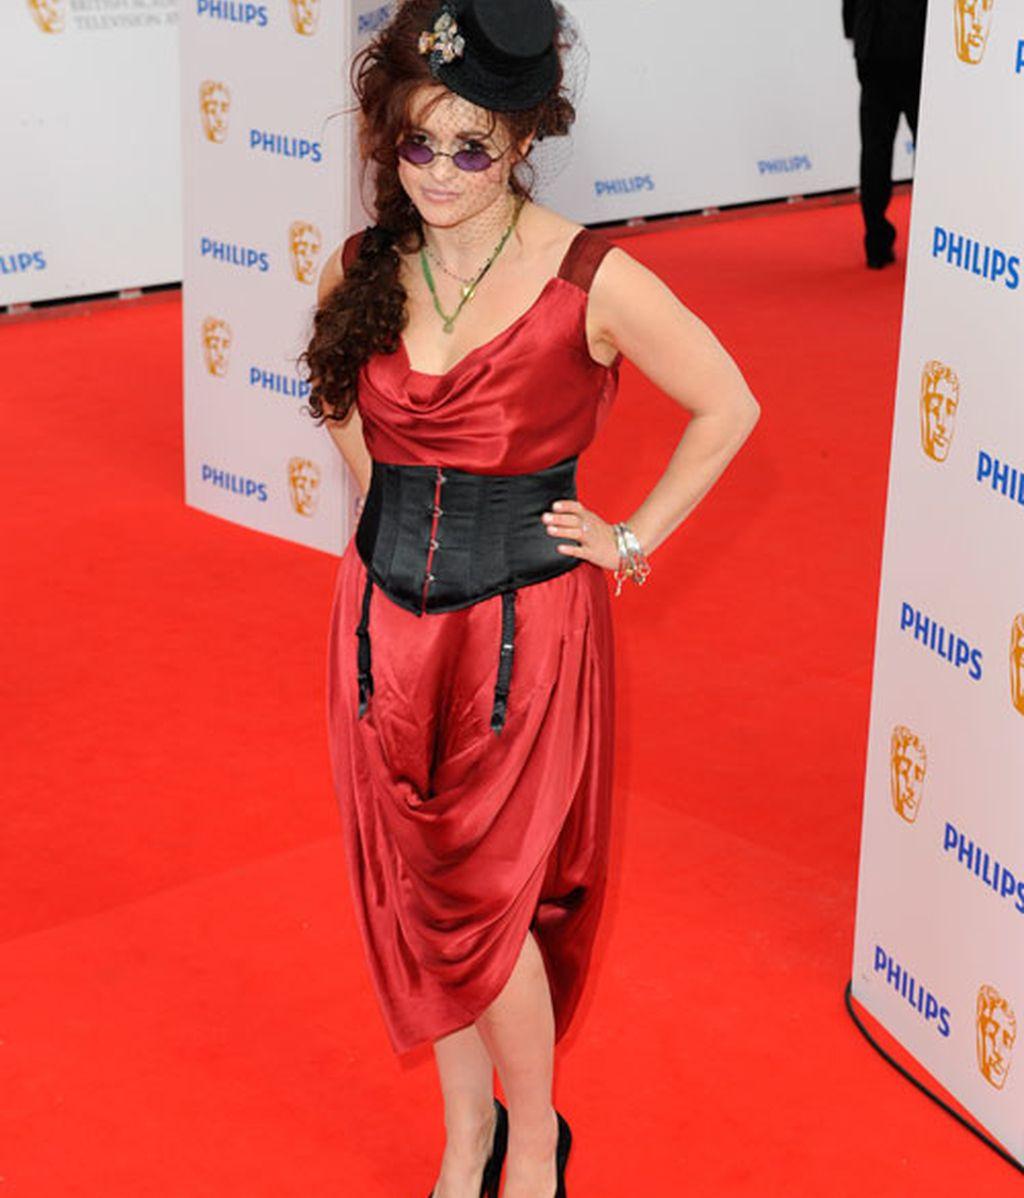 Helena Bonham Carter no decepciona: Oscar a la más atrevida